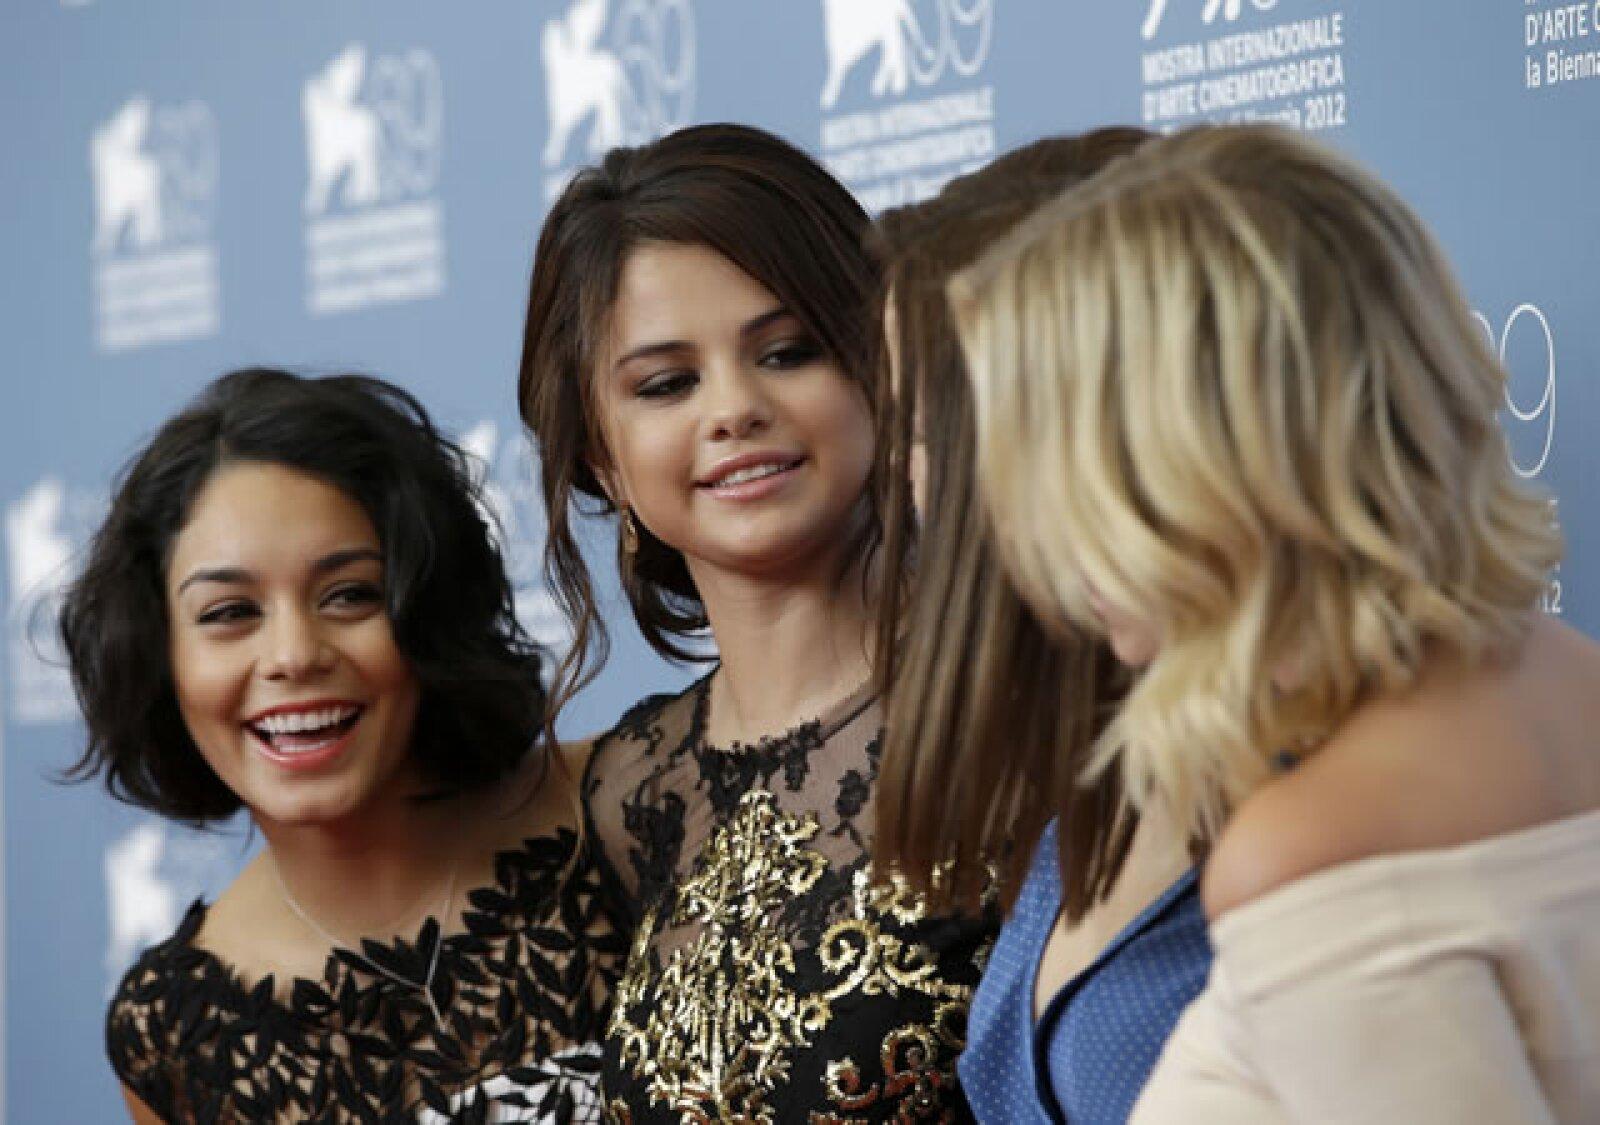 Las protagonistas de `Sprinbreakers´ compartían bromas mientras las fotografiaban.